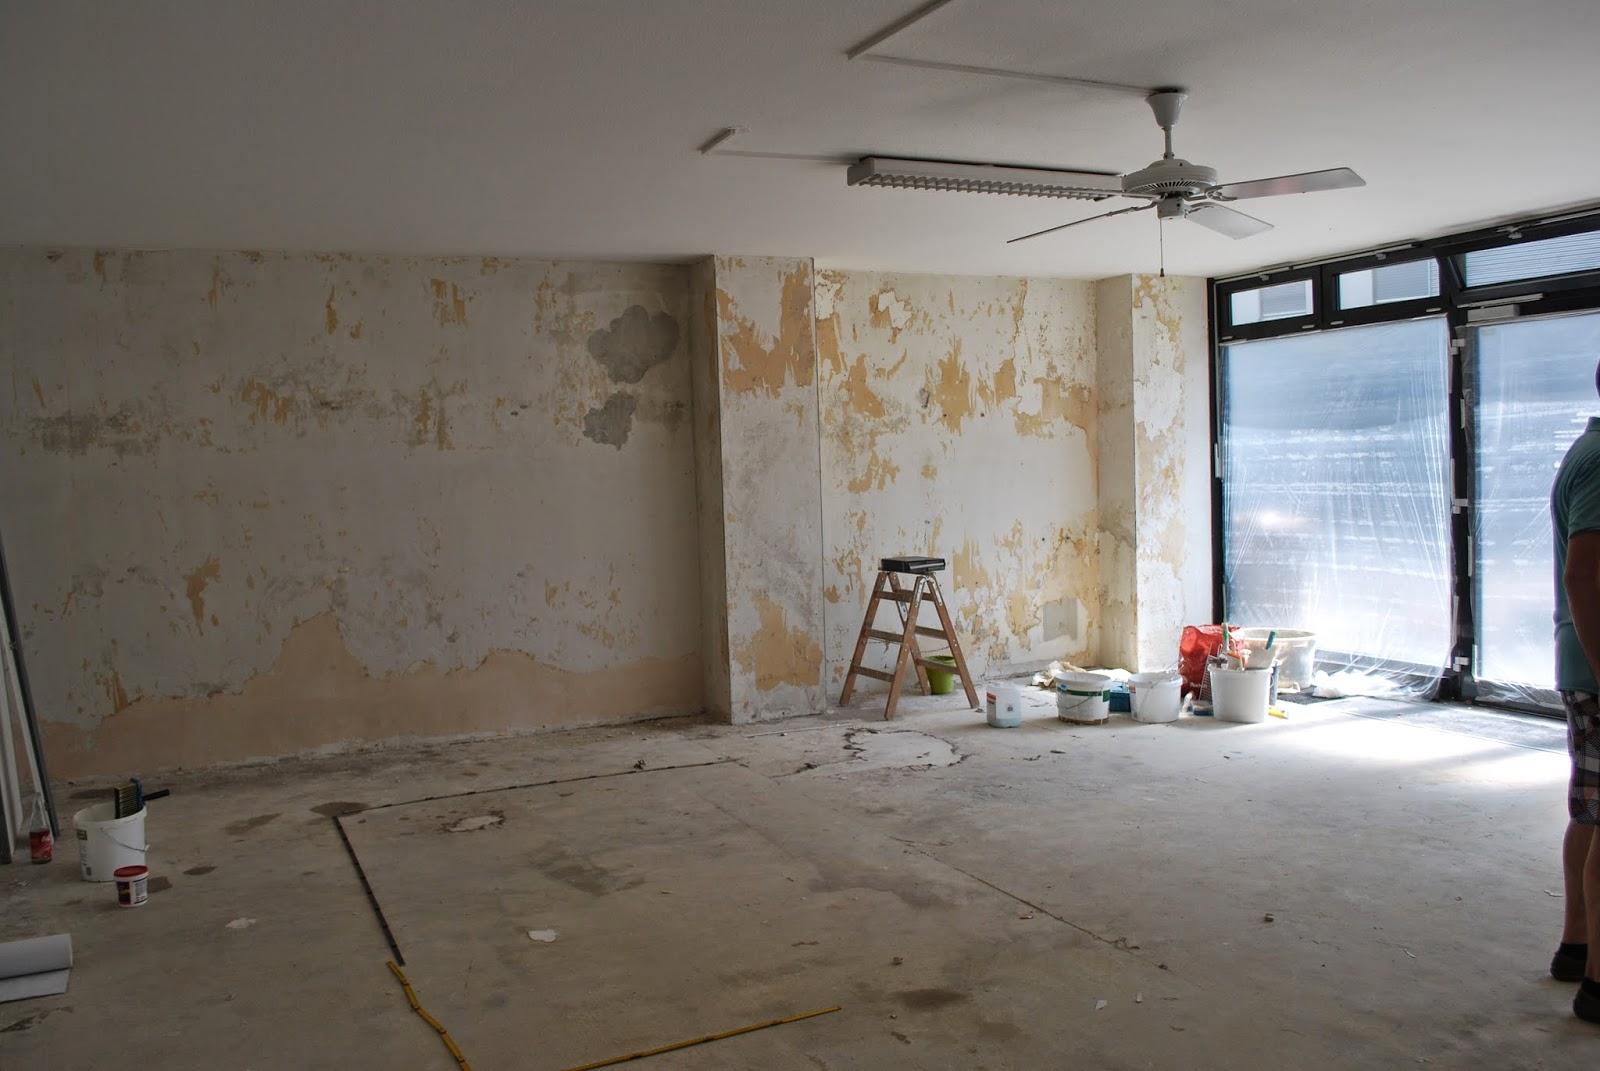 Bauarbeiten im Ladenlokal